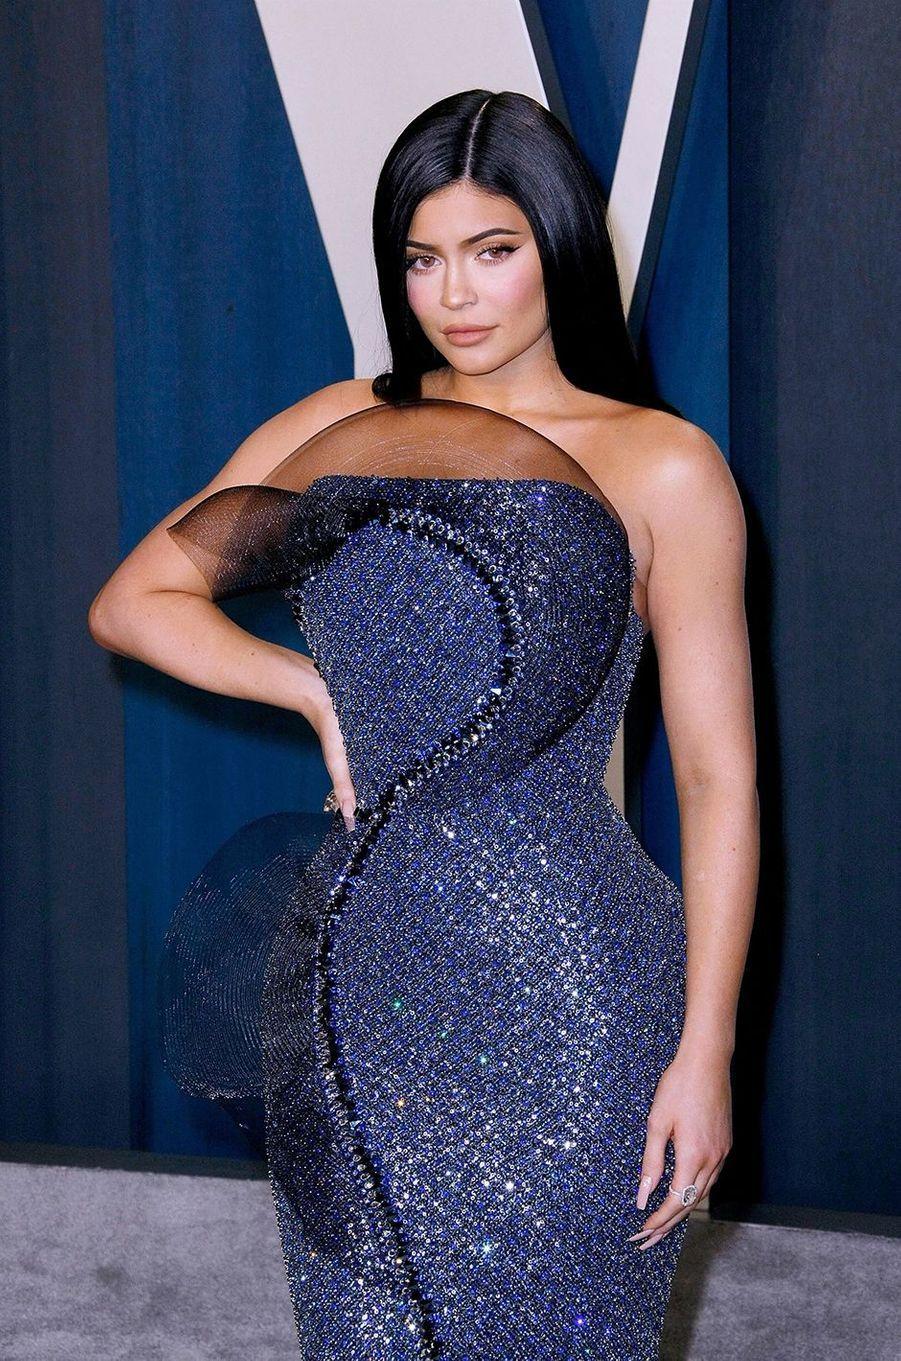 2 - Kylie Jenner.Nombre d'abonnés (en date d'octobre 2020) : 199 millions. Ce qu'elle gagne pour une publication sponsorisée : 986.000 dollars.